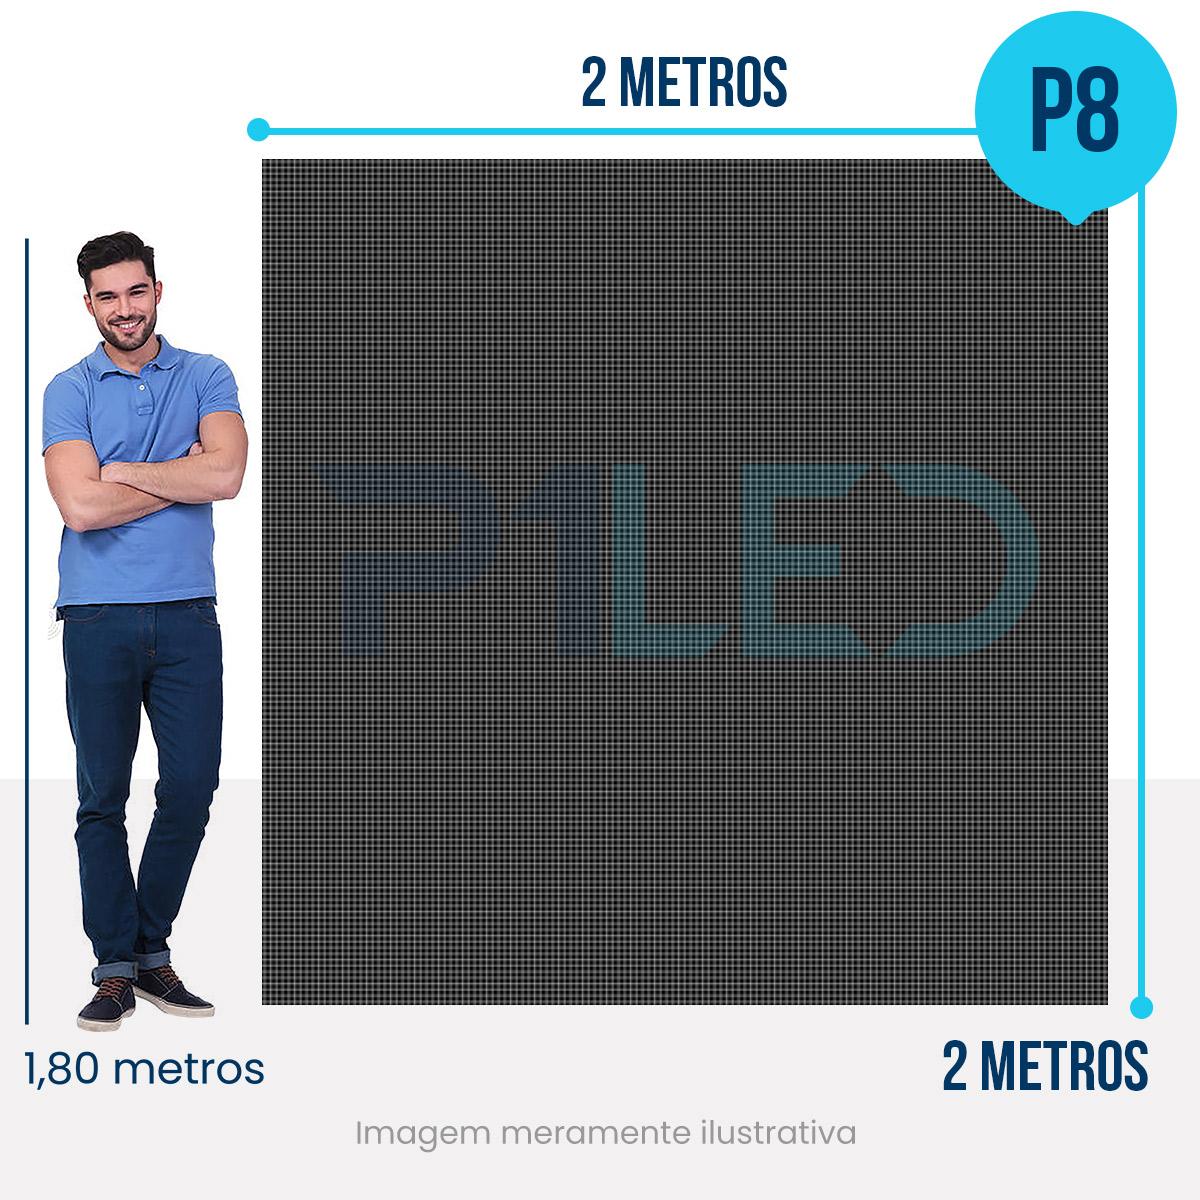 Painel de LED para Posto de Gasolina 2x2 - Telão P6 Outdoor  - Painel e Telão de LED - O Melhor Preço em Painel de LED | P1LED